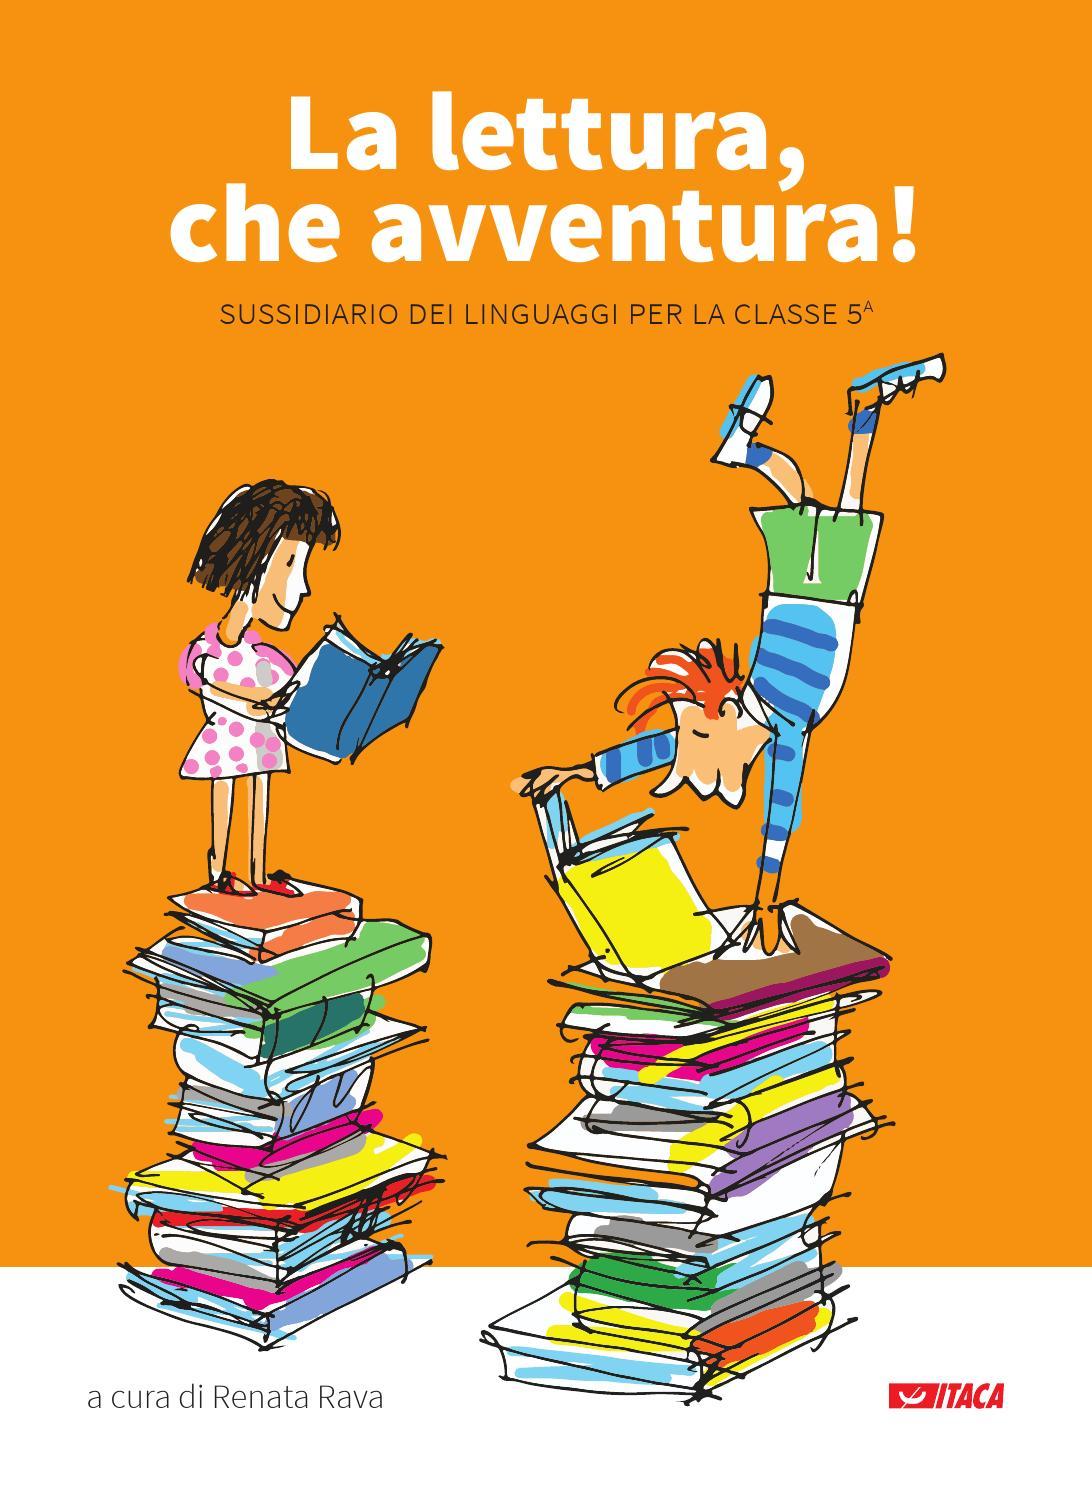 lettura che avventura flipbook anteprima by itaca edizioni - issuu - Giardino Piccolo Nome Alterato